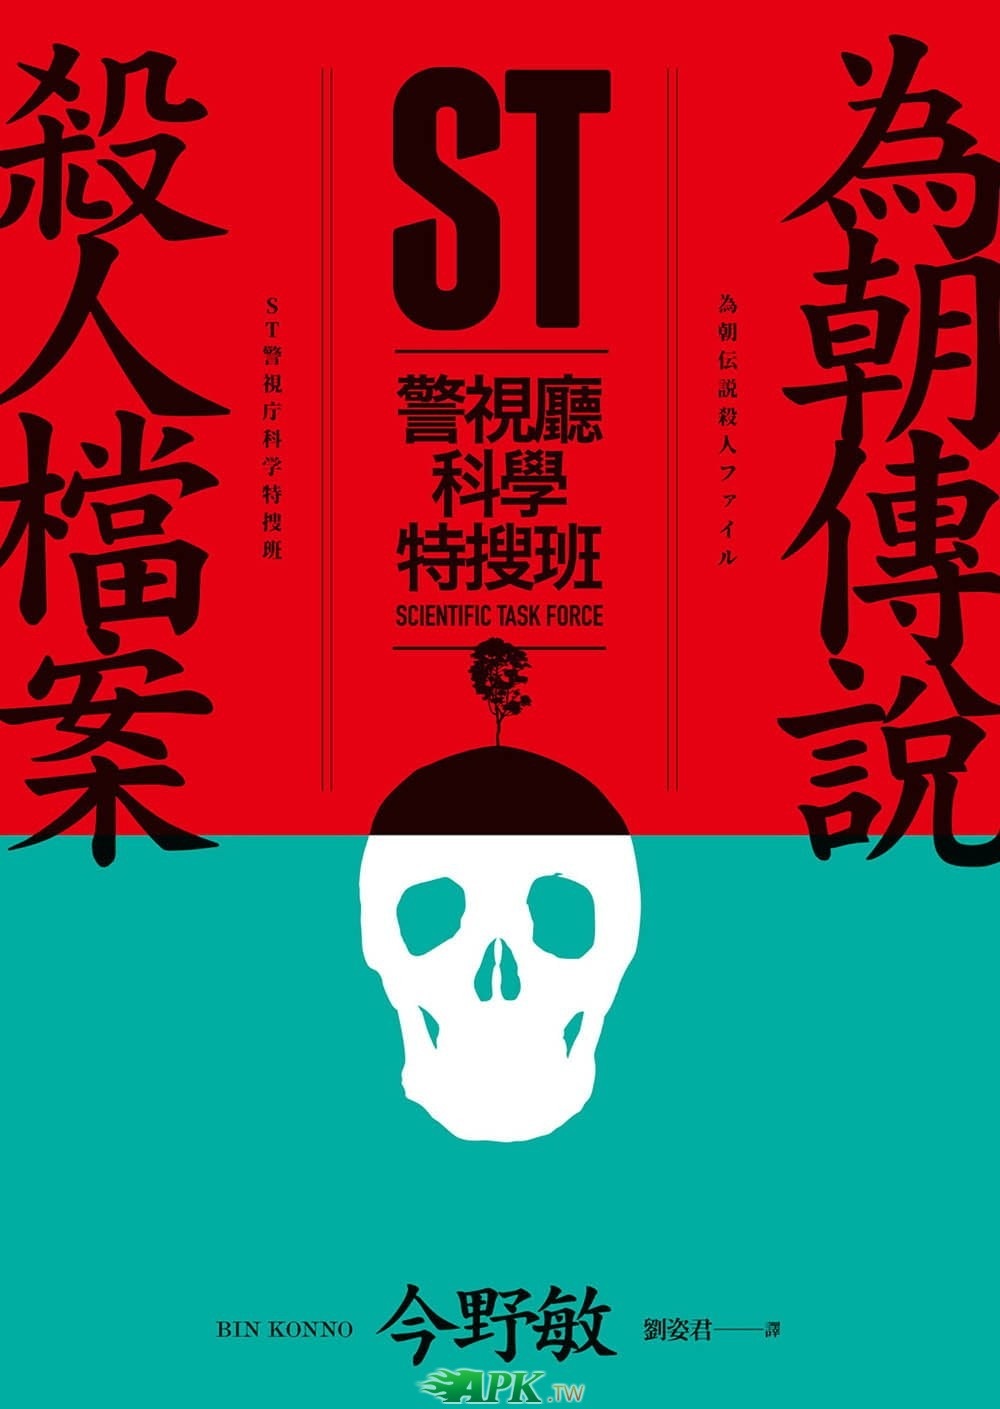 《為朝傳說殺人檔案》.jpg